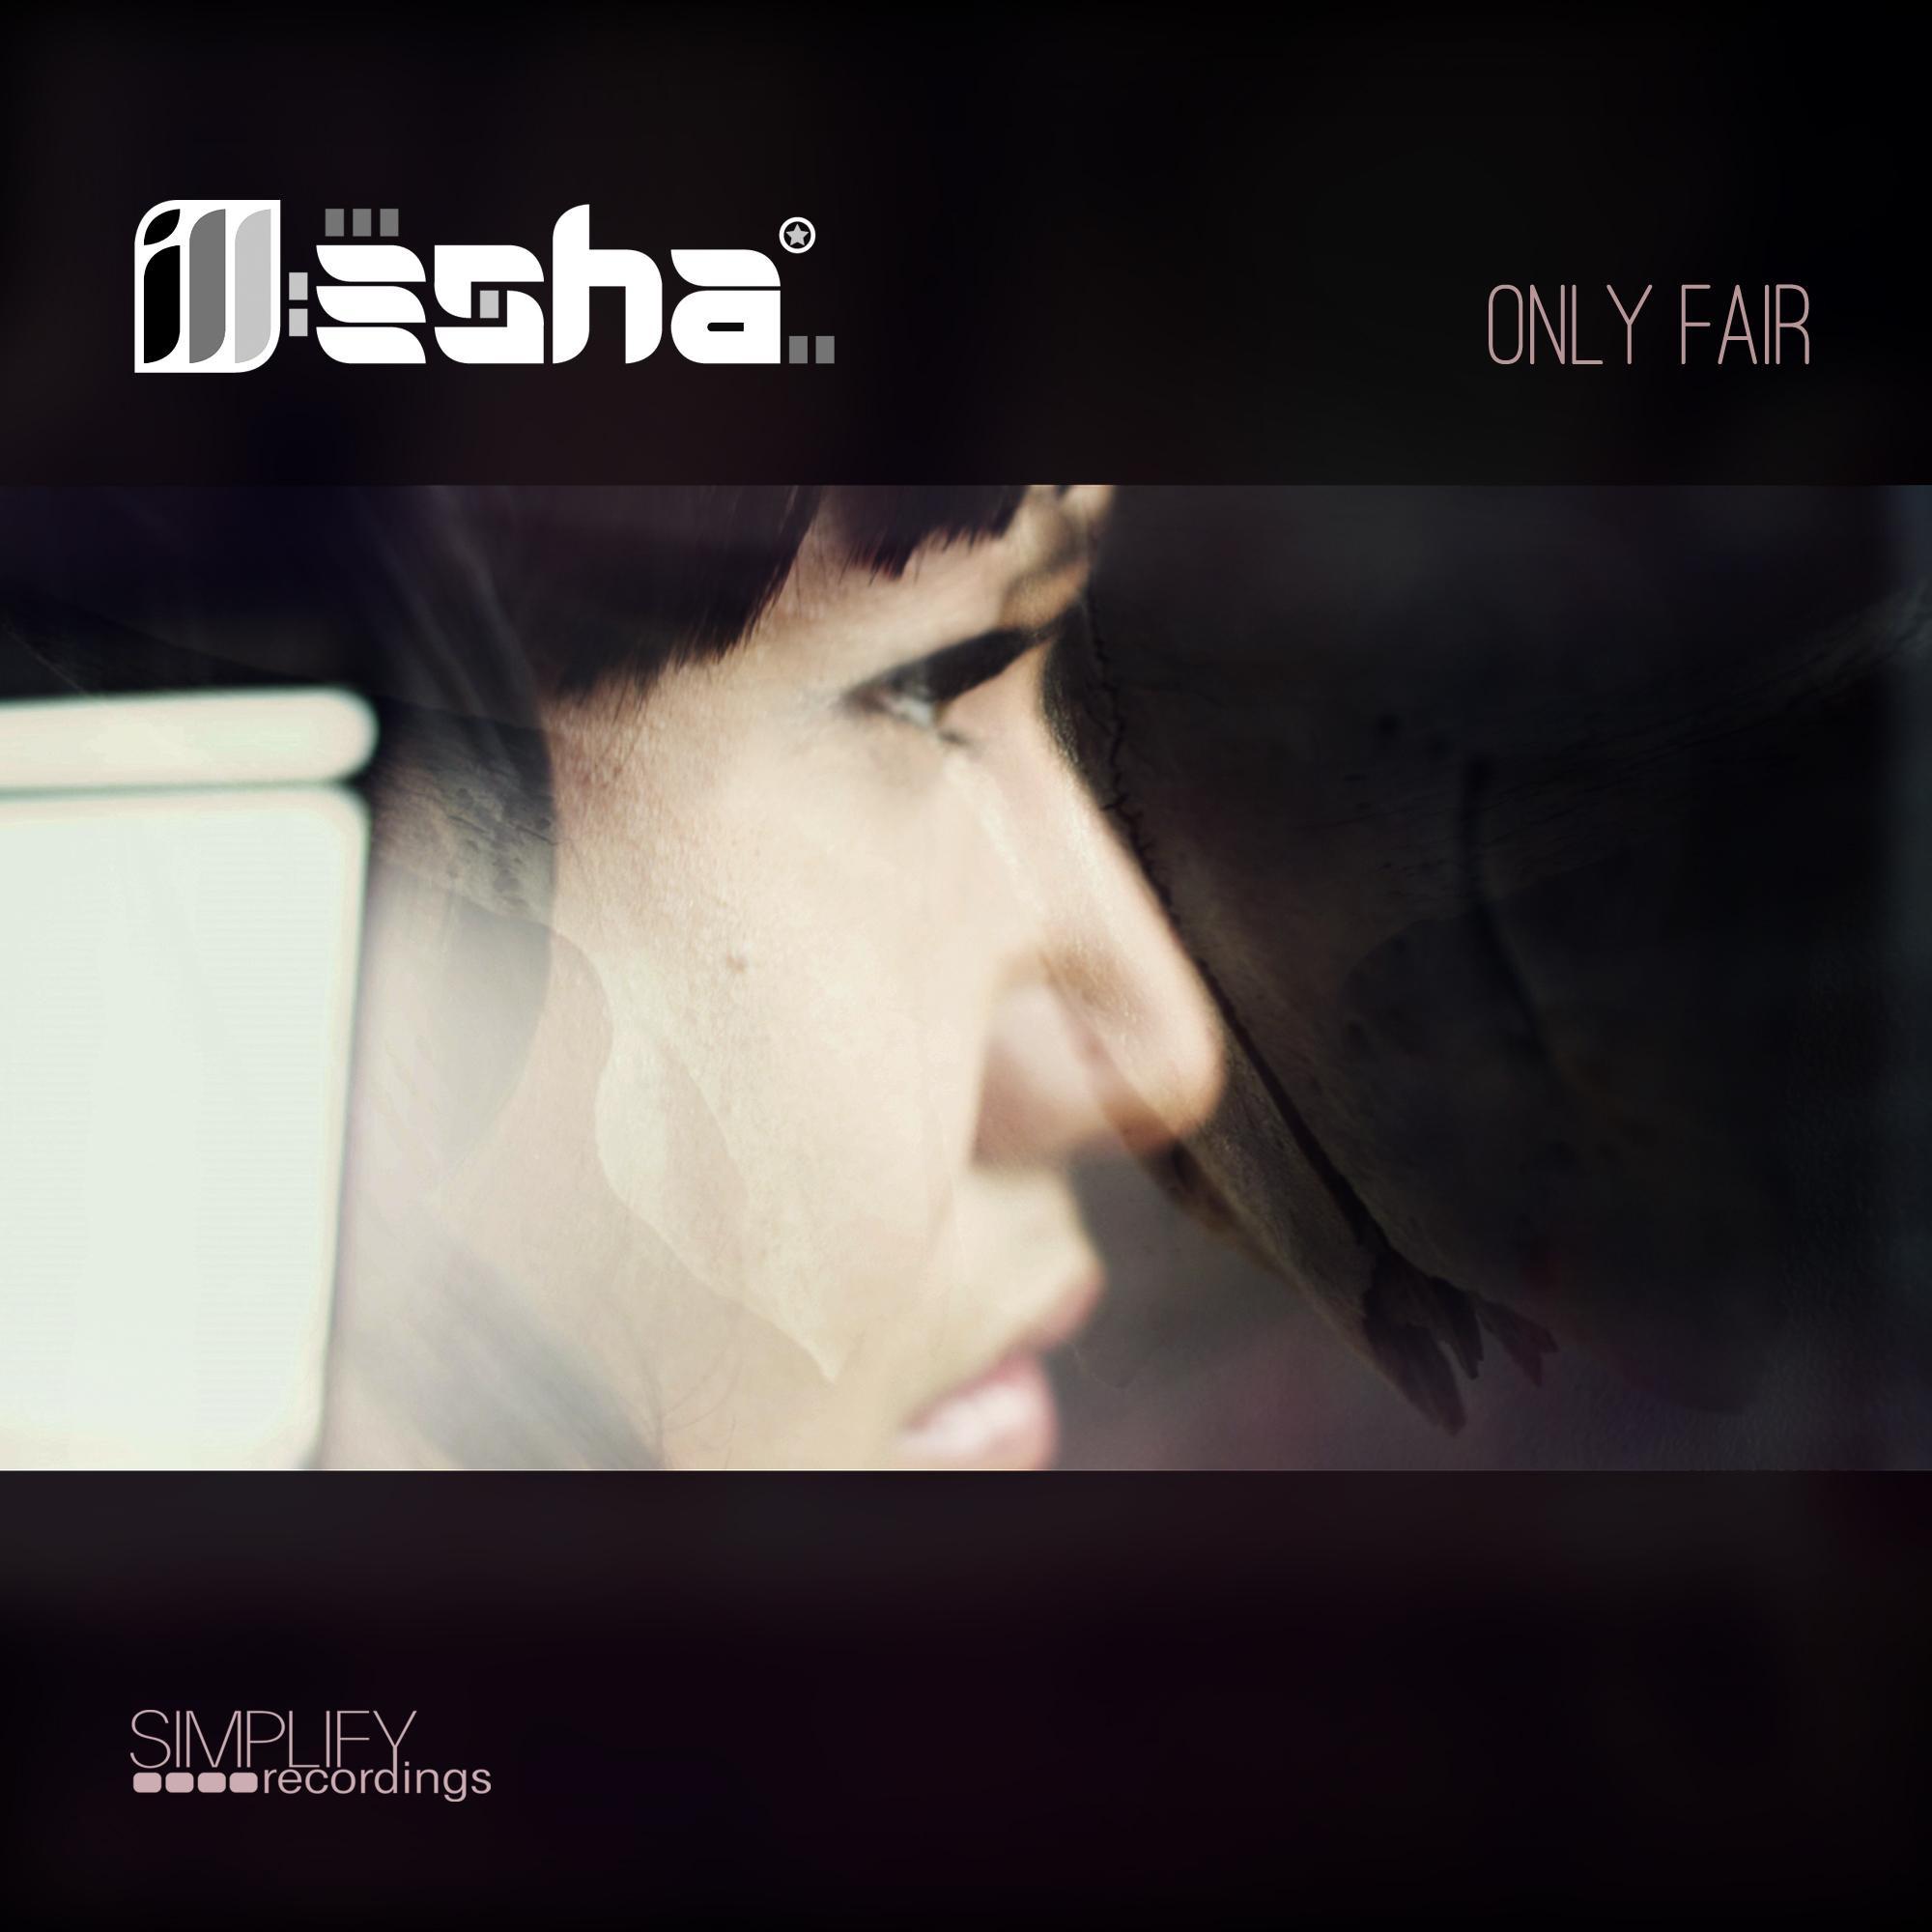 Only Fair - EP